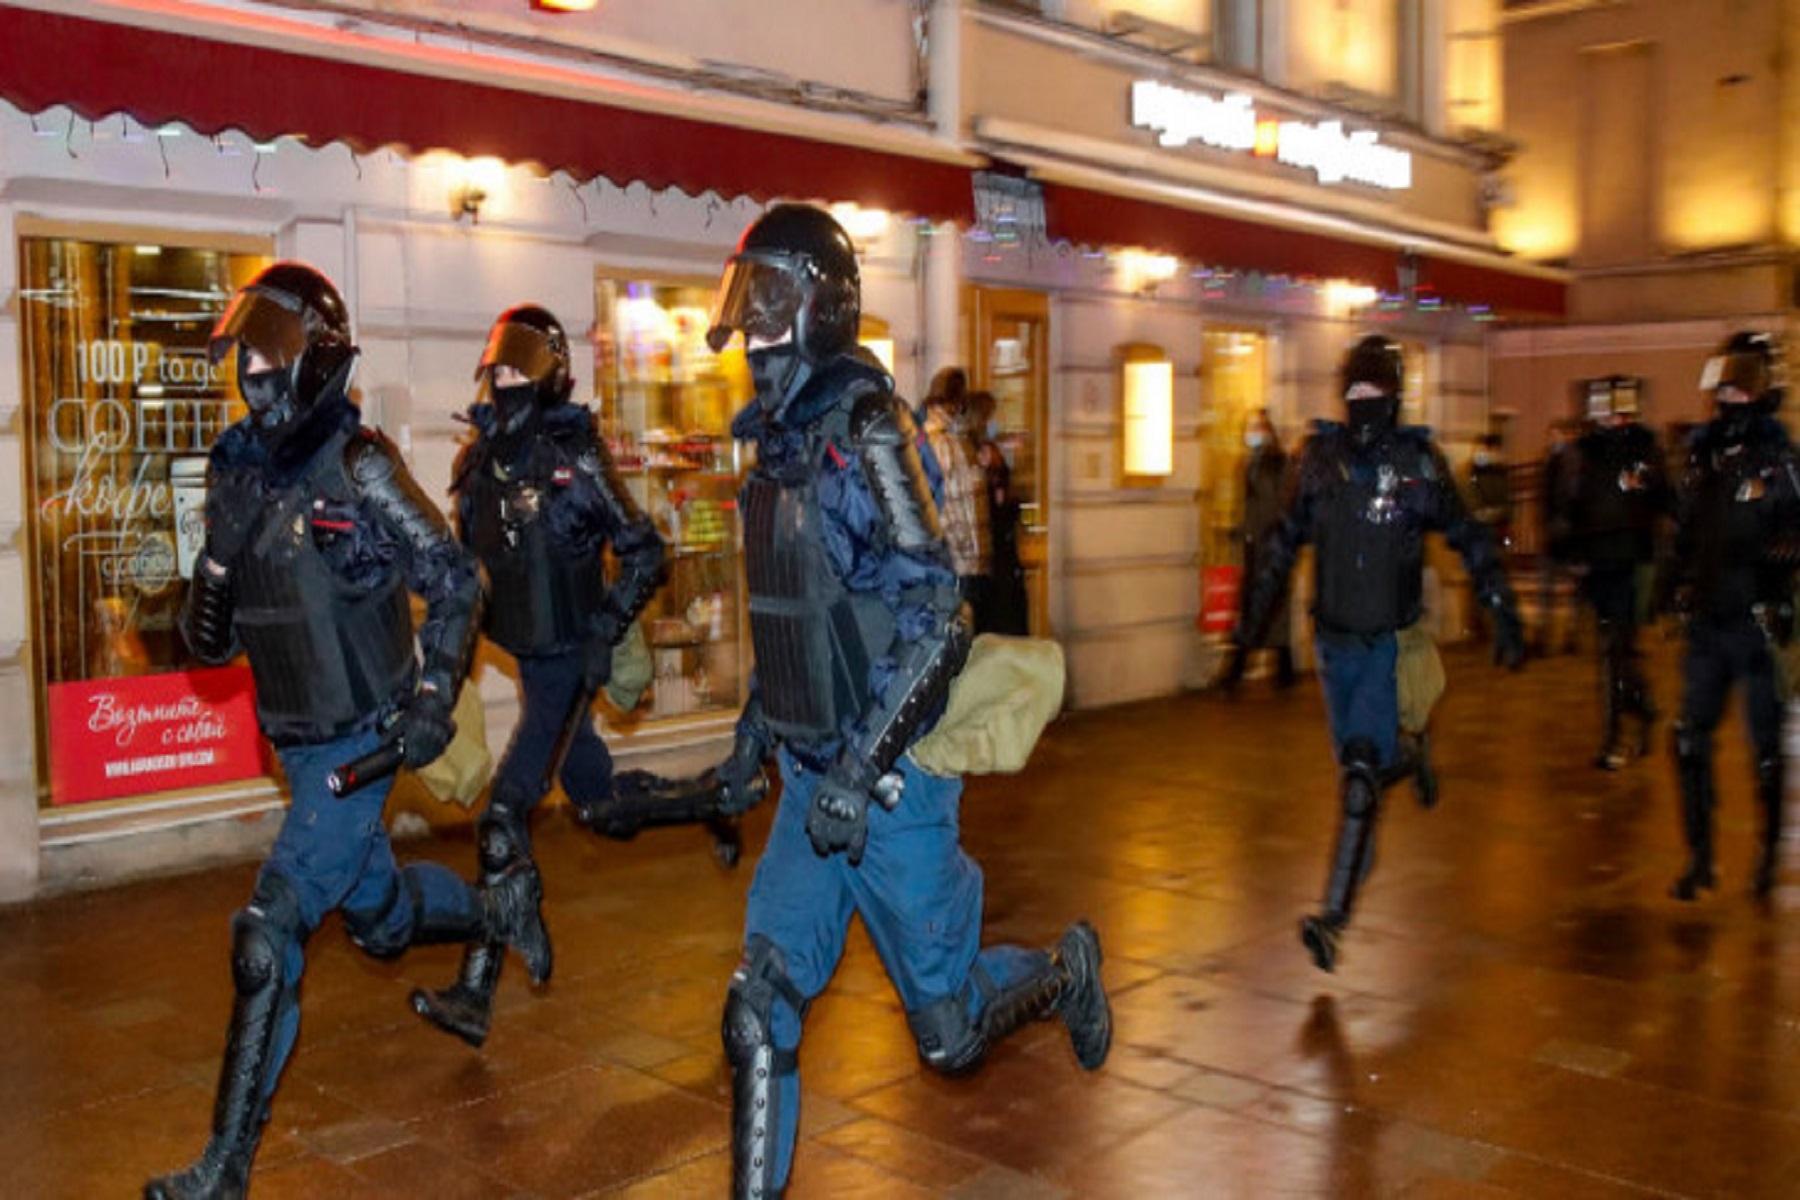 Δημόσια Υγεία Δικαιοσύνη: Ποινικοποίηση του βήχα στη Δανία εν μέσω κορωνοϊού